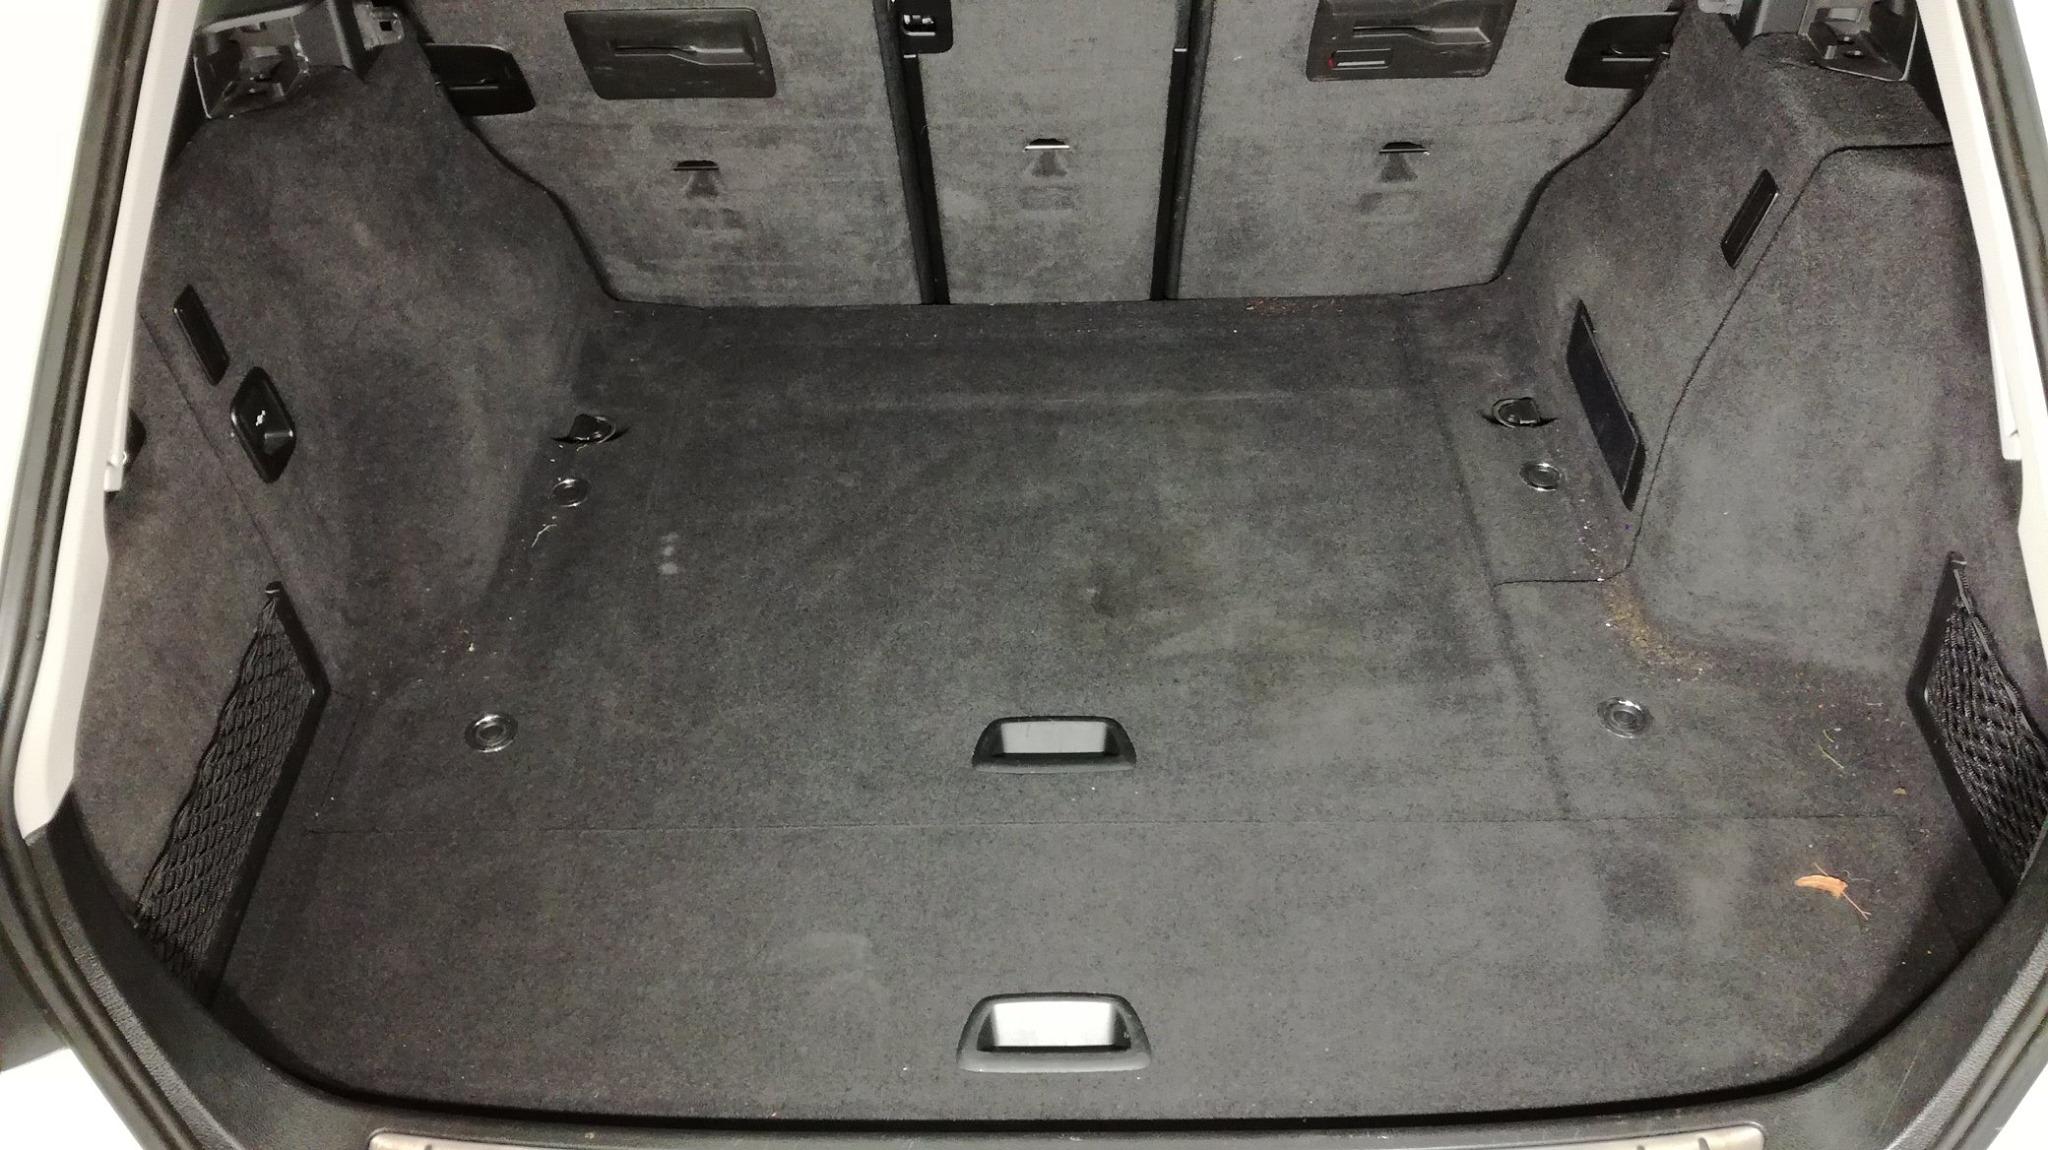 Naše TOP Detailingová služba - Čištění interiérů automobilů AUTO KRAUS GARAGE